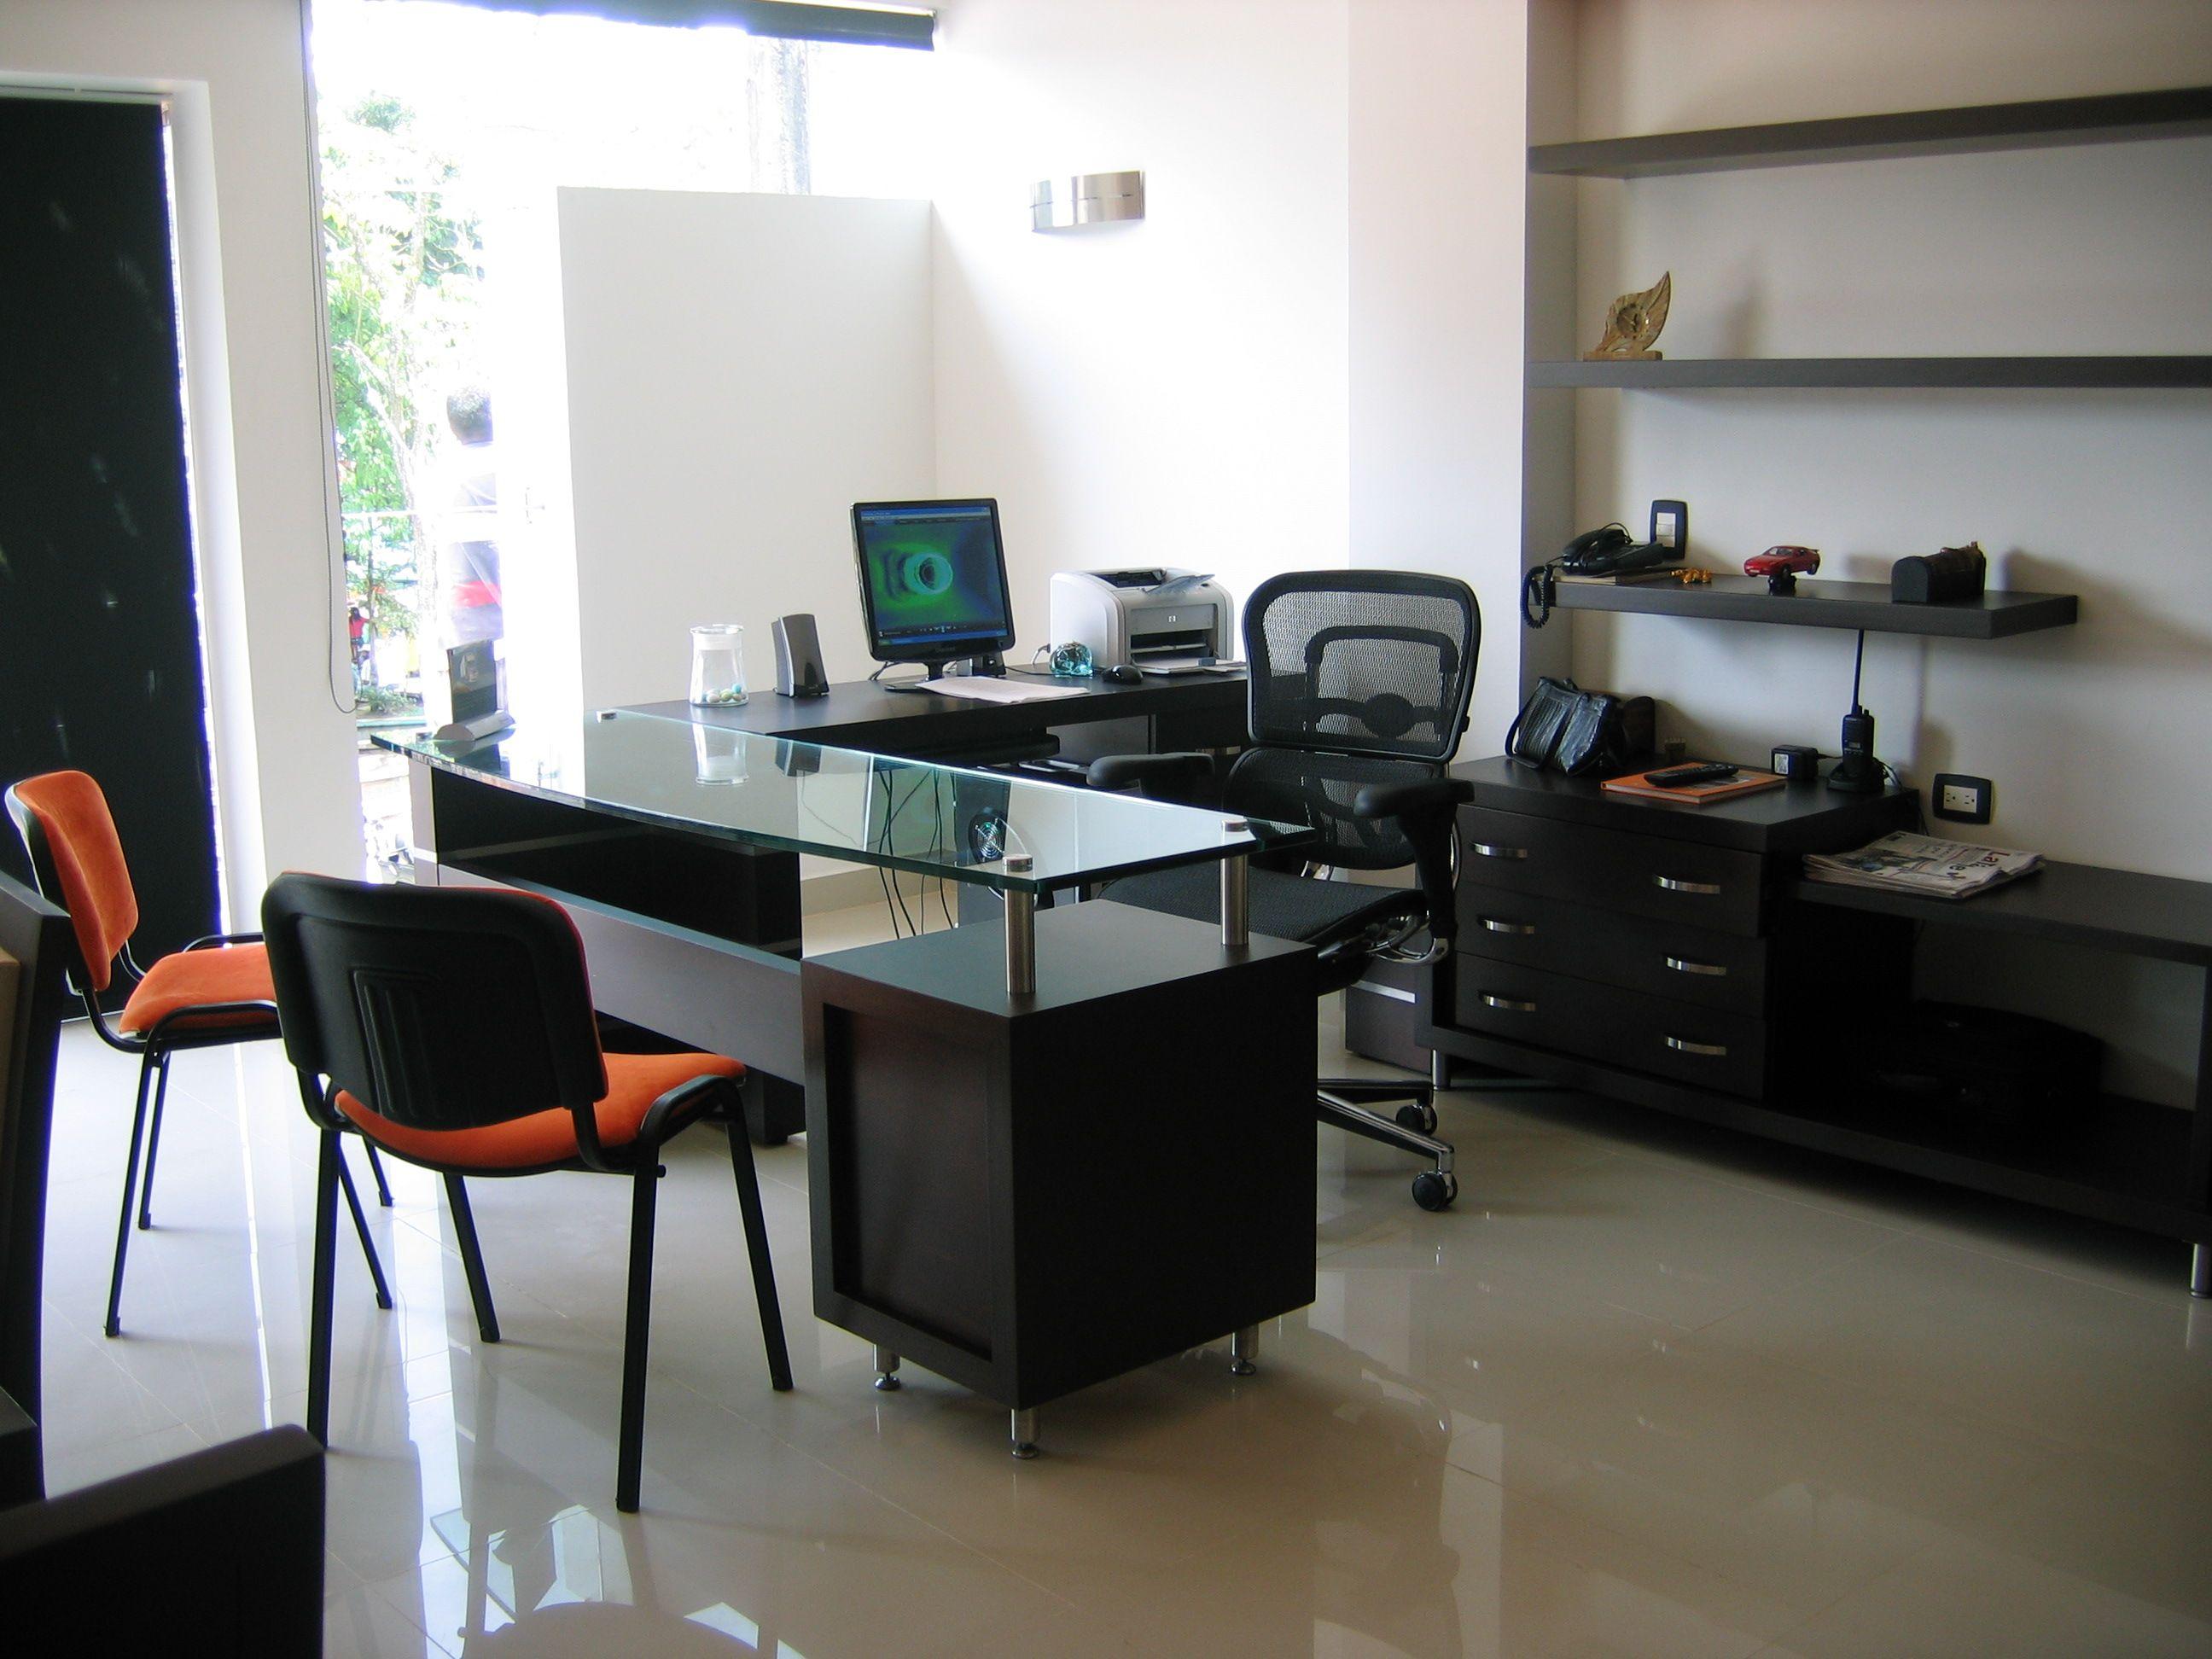 Muebles de oficina escritorio con dilatadores y vidrio for Muebles de escritorio